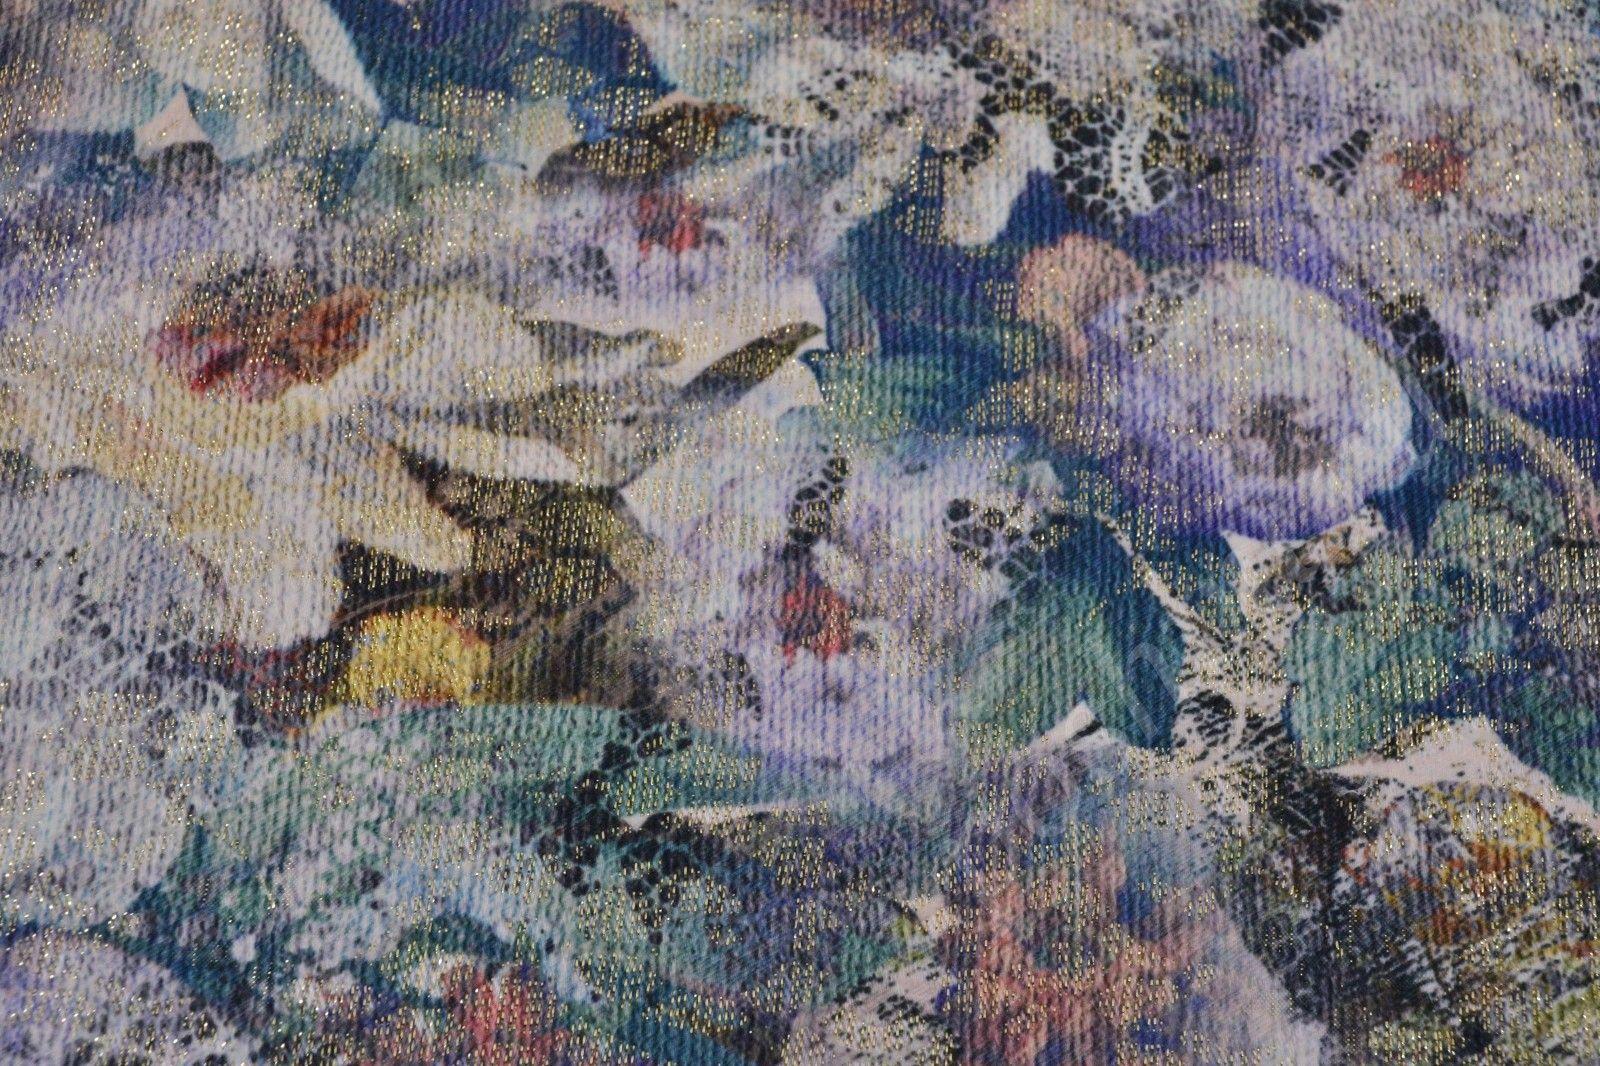 Купить ткани для мебели в интернет купить ткань на постельное белье в интернет магазине иваново